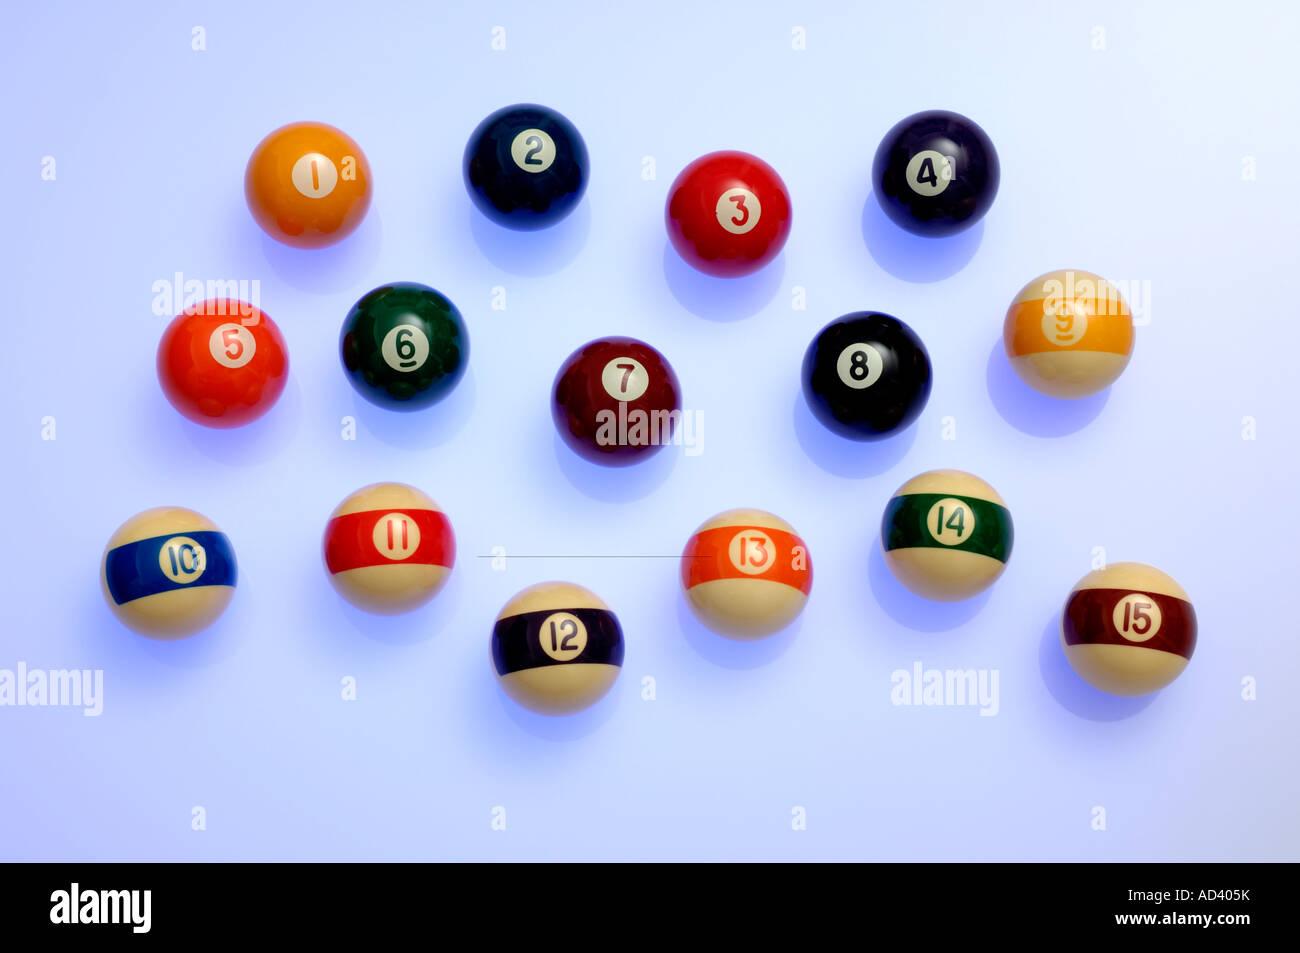 Piscine de 1 à 15 boules numérotées Photo Stock